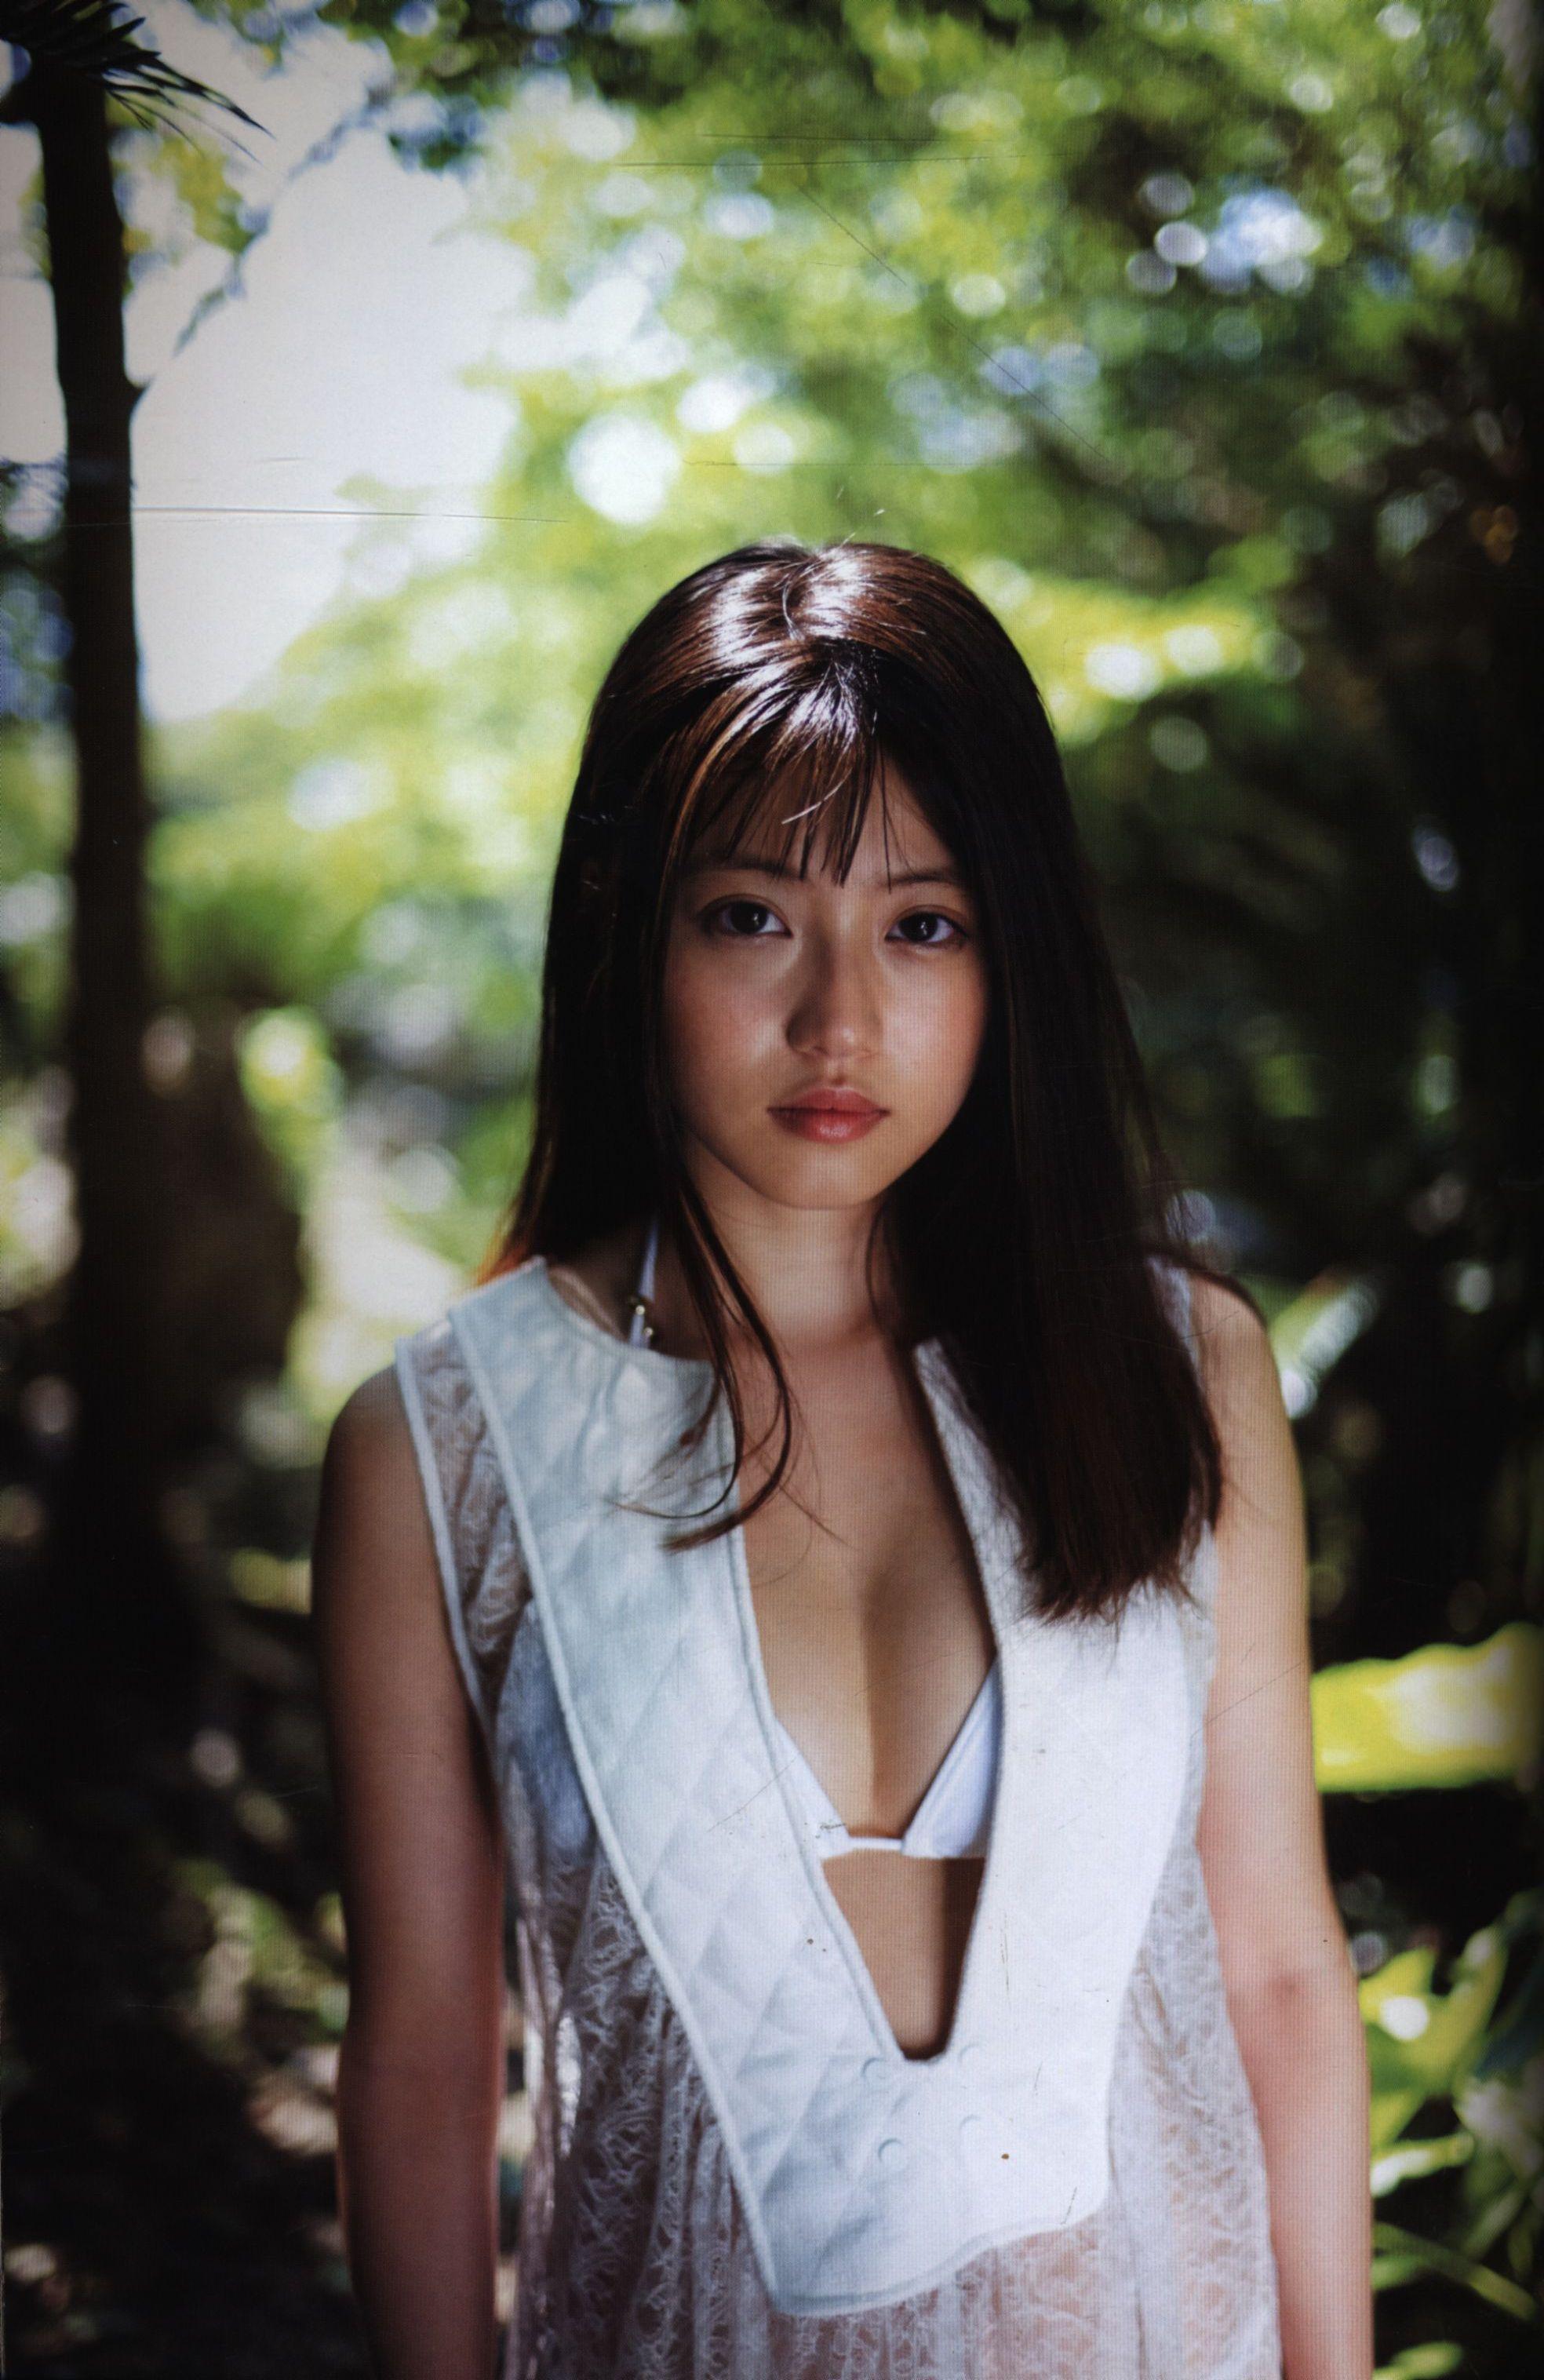 今田 美桜 ファースト 写真 集 生命力